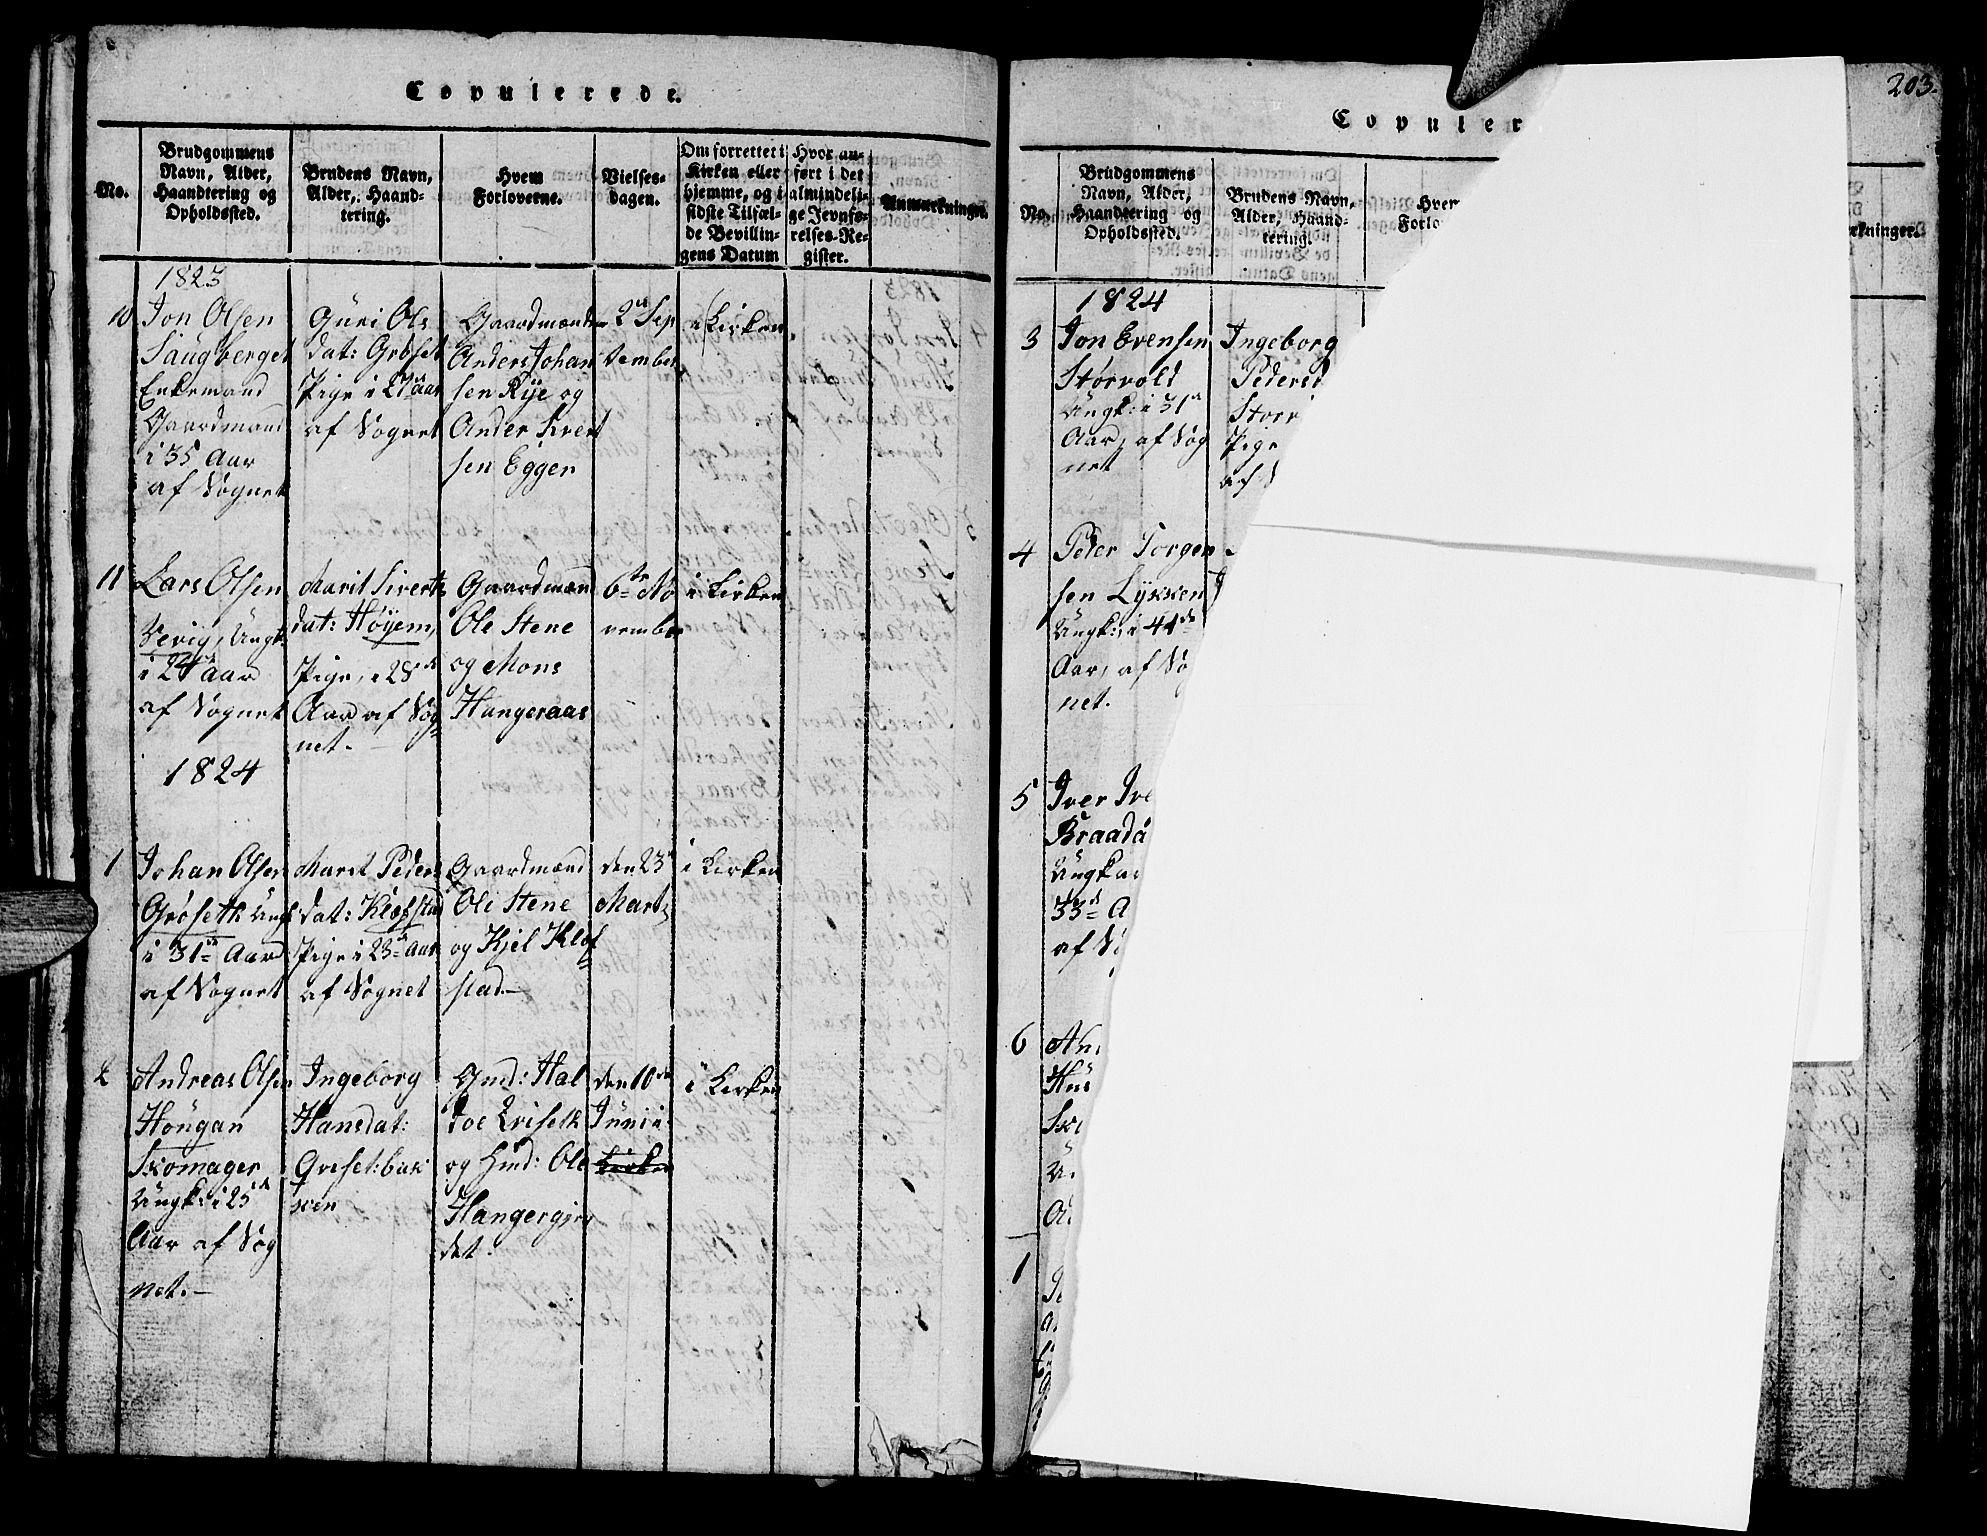 SAT, Ministerialprotokoller, klokkerbøker og fødselsregistre - Sør-Trøndelag, 612/L0385: Klokkerbok nr. 612C01, 1816-1845, s. 202